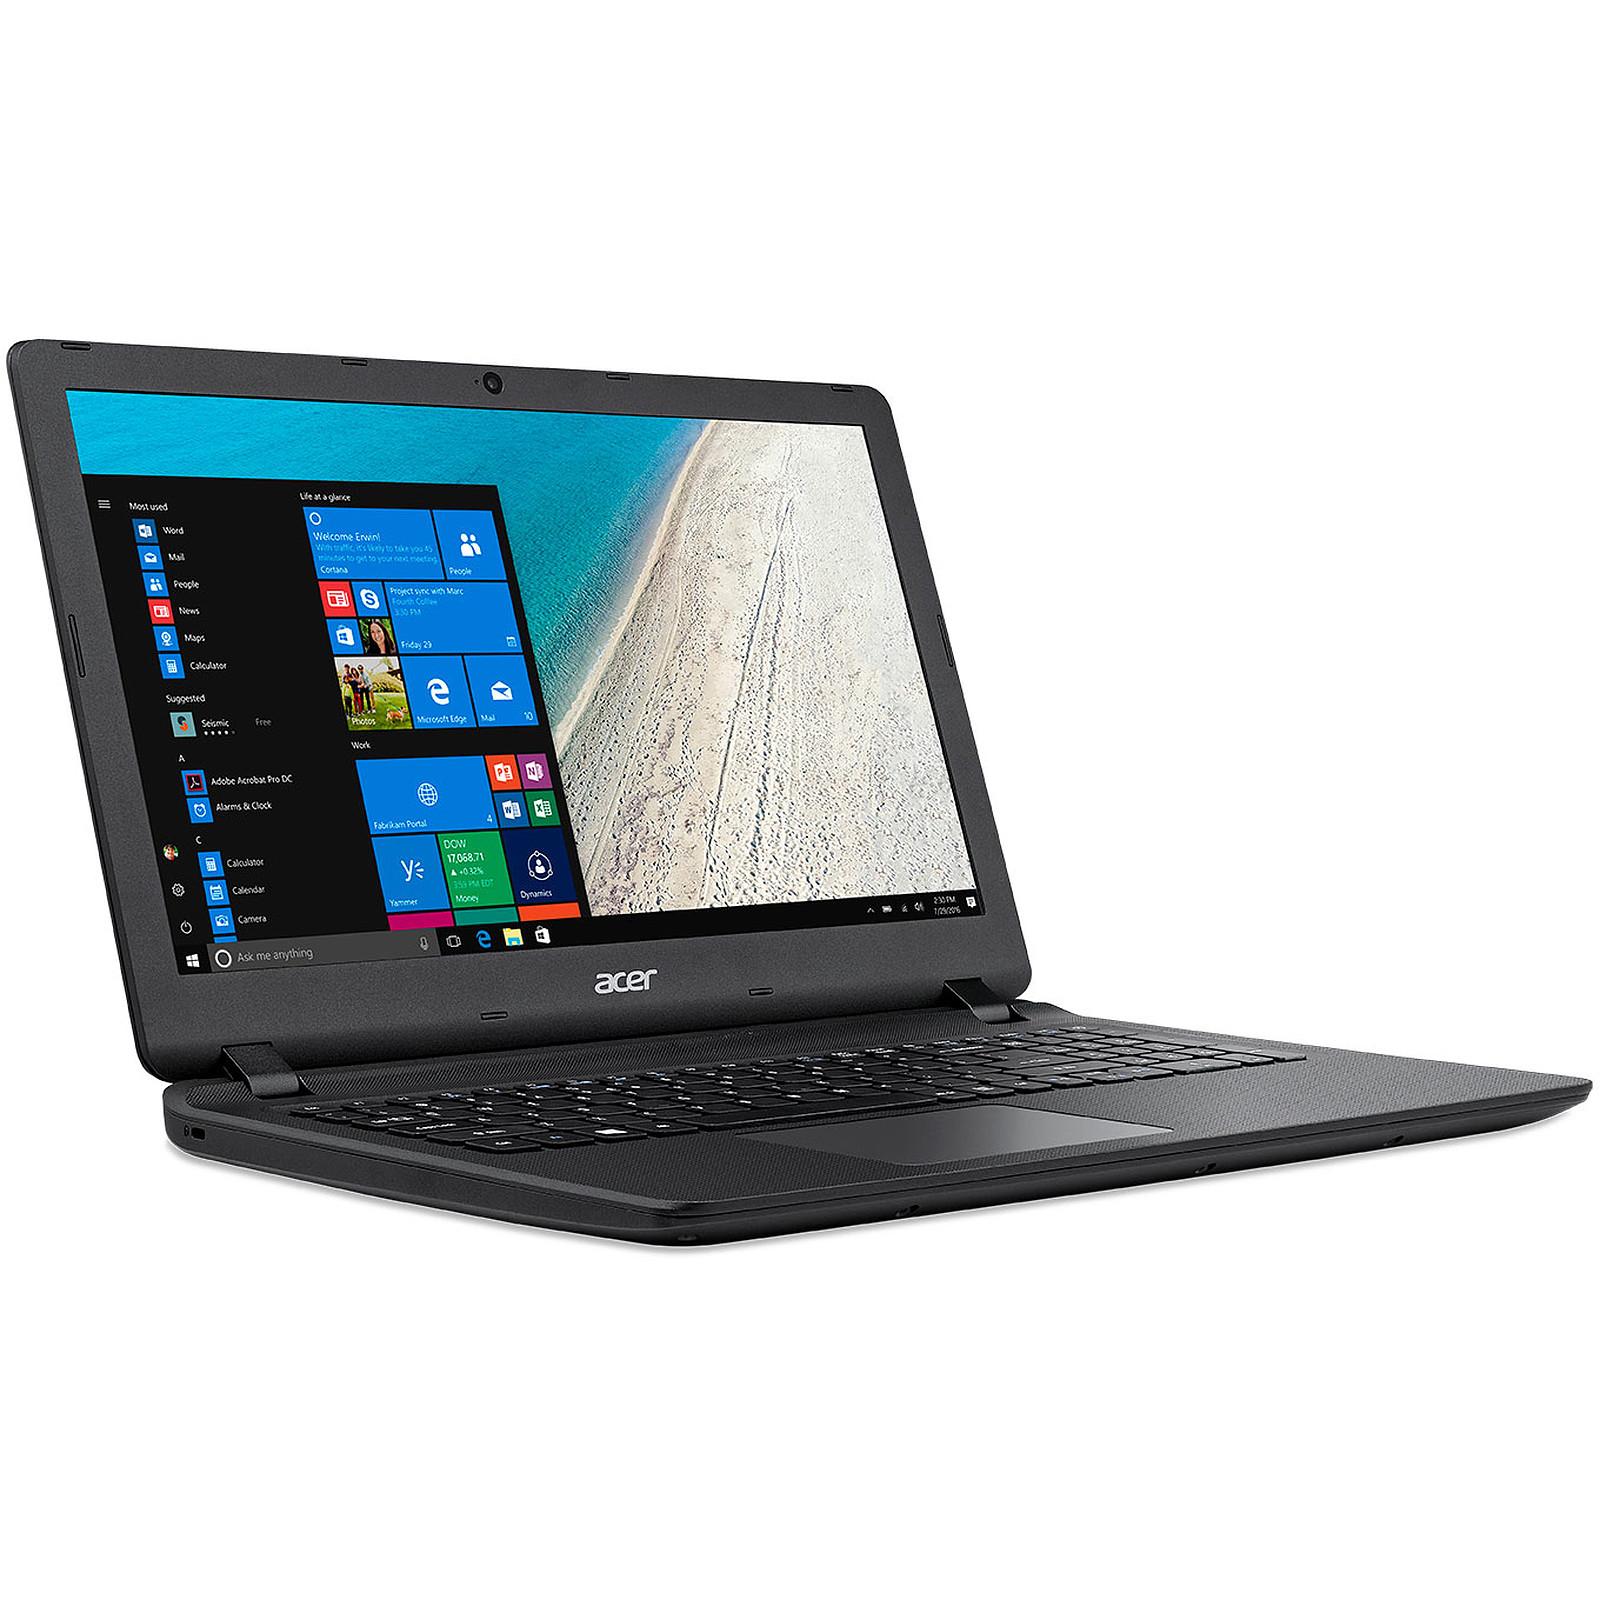 a334303a0c57b Acer Extensa 2540-32WS Intel Core i3-6006U 4 Go 500 Go 15.6